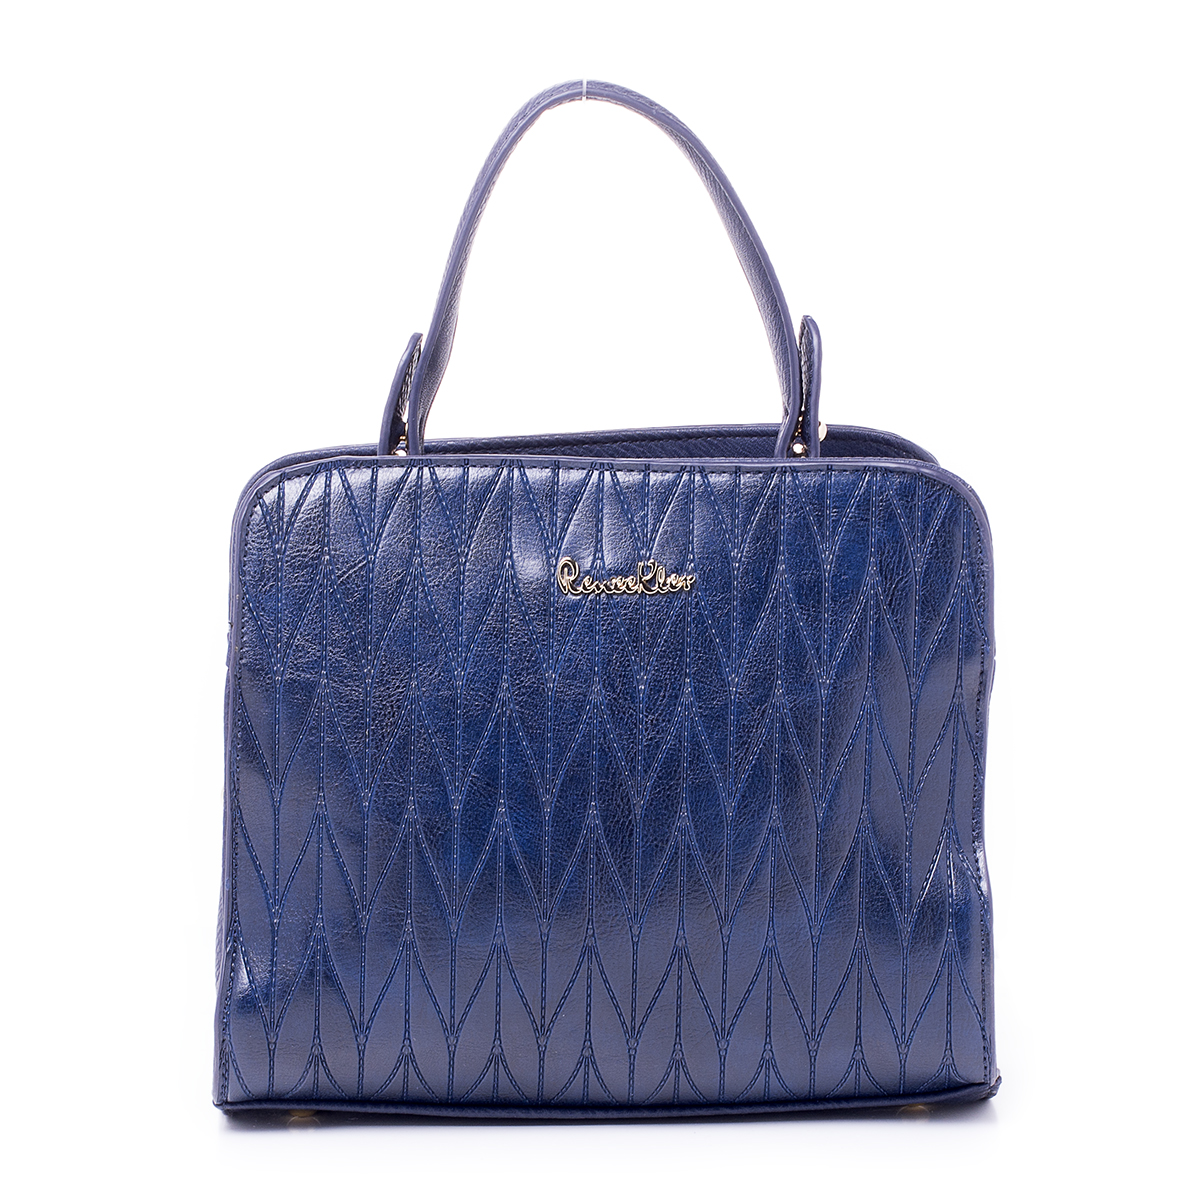 Сумка женская Renee Kler, цвет: темно-синий. RK514-06ML597BUL/DСумка Renee Kler, выполненная из высококачественной искусственной кожи, оформлена декоративным тиснением и металлической пластинкой с названием бренда. На тыльной стороне расположен вшитый карман на молнии. Сумка имеет одну ручку и съемный плечевой ремень, длина которого регулируется с помощью пряжки. Также сумка оснащена металлическими ножками, которые предотвратят повреждение дна сумки. Изделие закрывается с помощью застежки-молнии. Внутри расположено два отделения, которые содержат дванакладных открытых кармана для телефона и мелочей и один вшитый карман на молнии.В комплект входит чехол для хранения изделия.